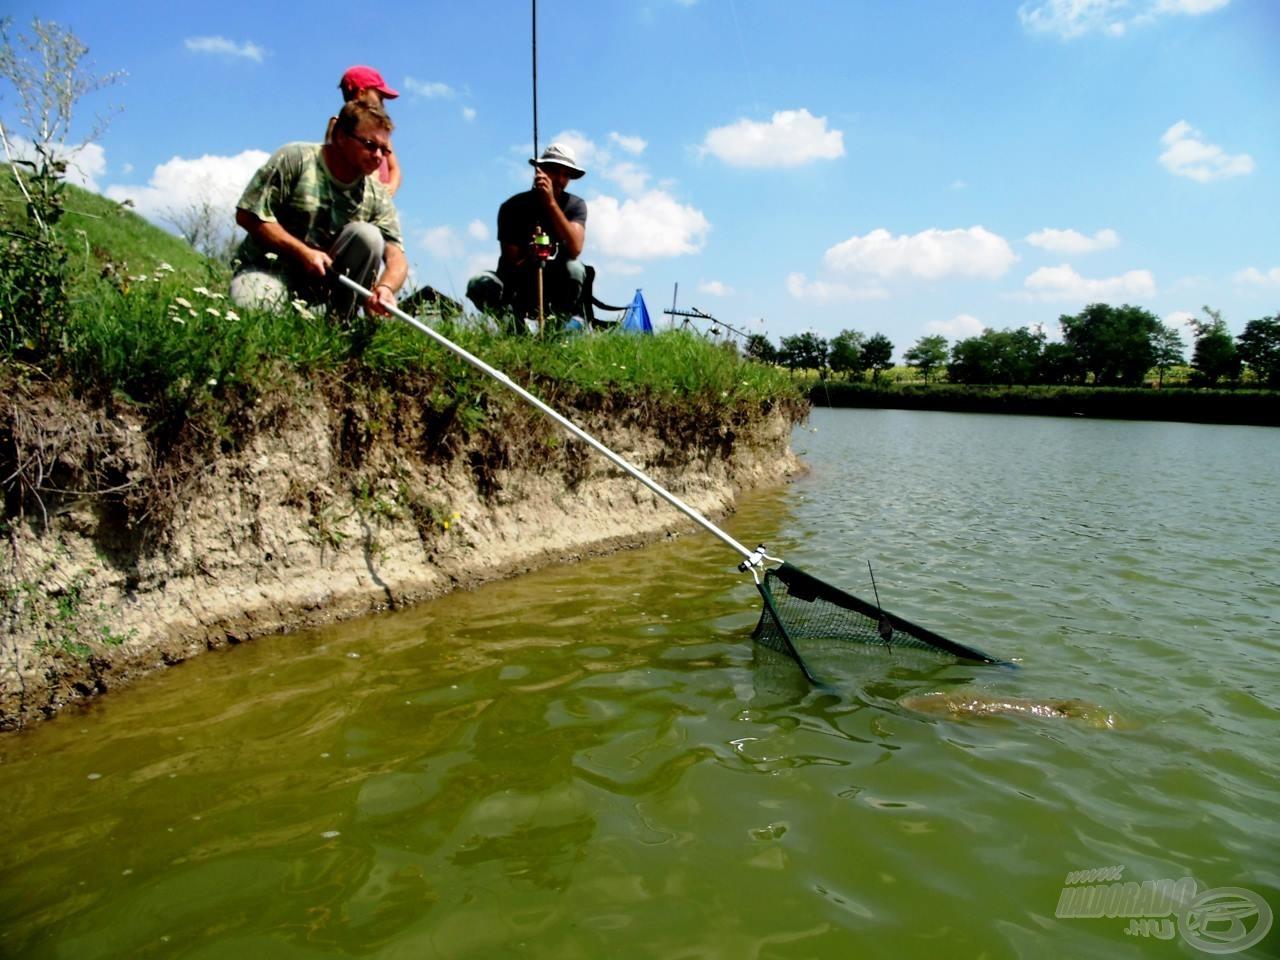 Szerencsére horgásztársaim segítségemre siettek, amit utólag is köszönök!